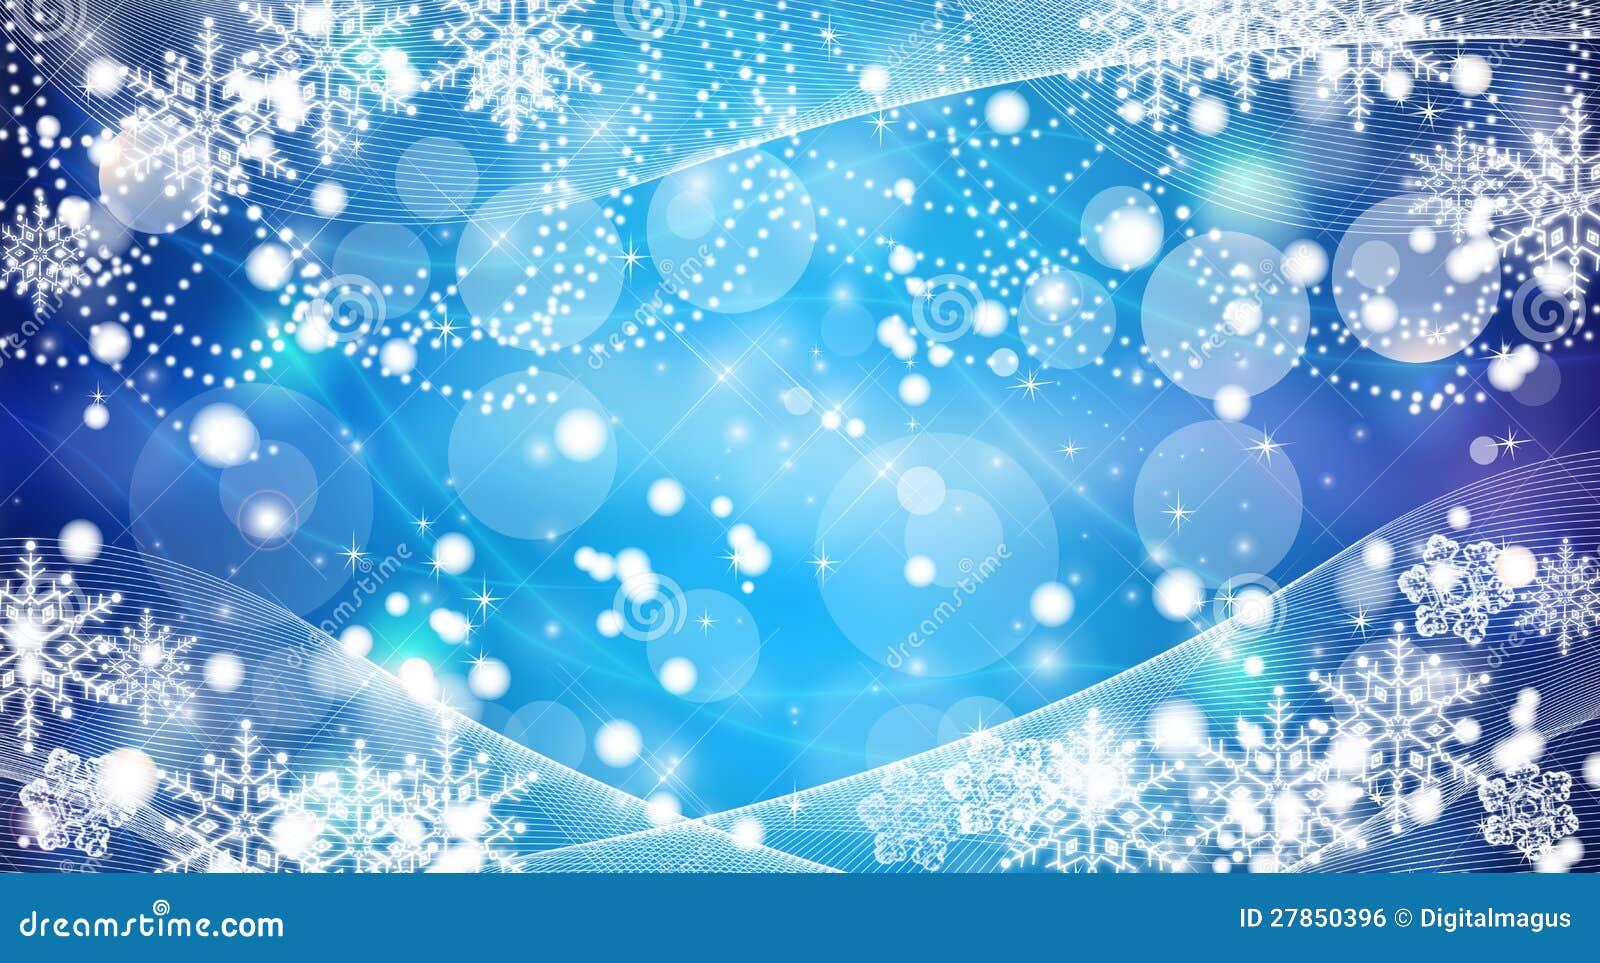 Christmas Snowflake Lights